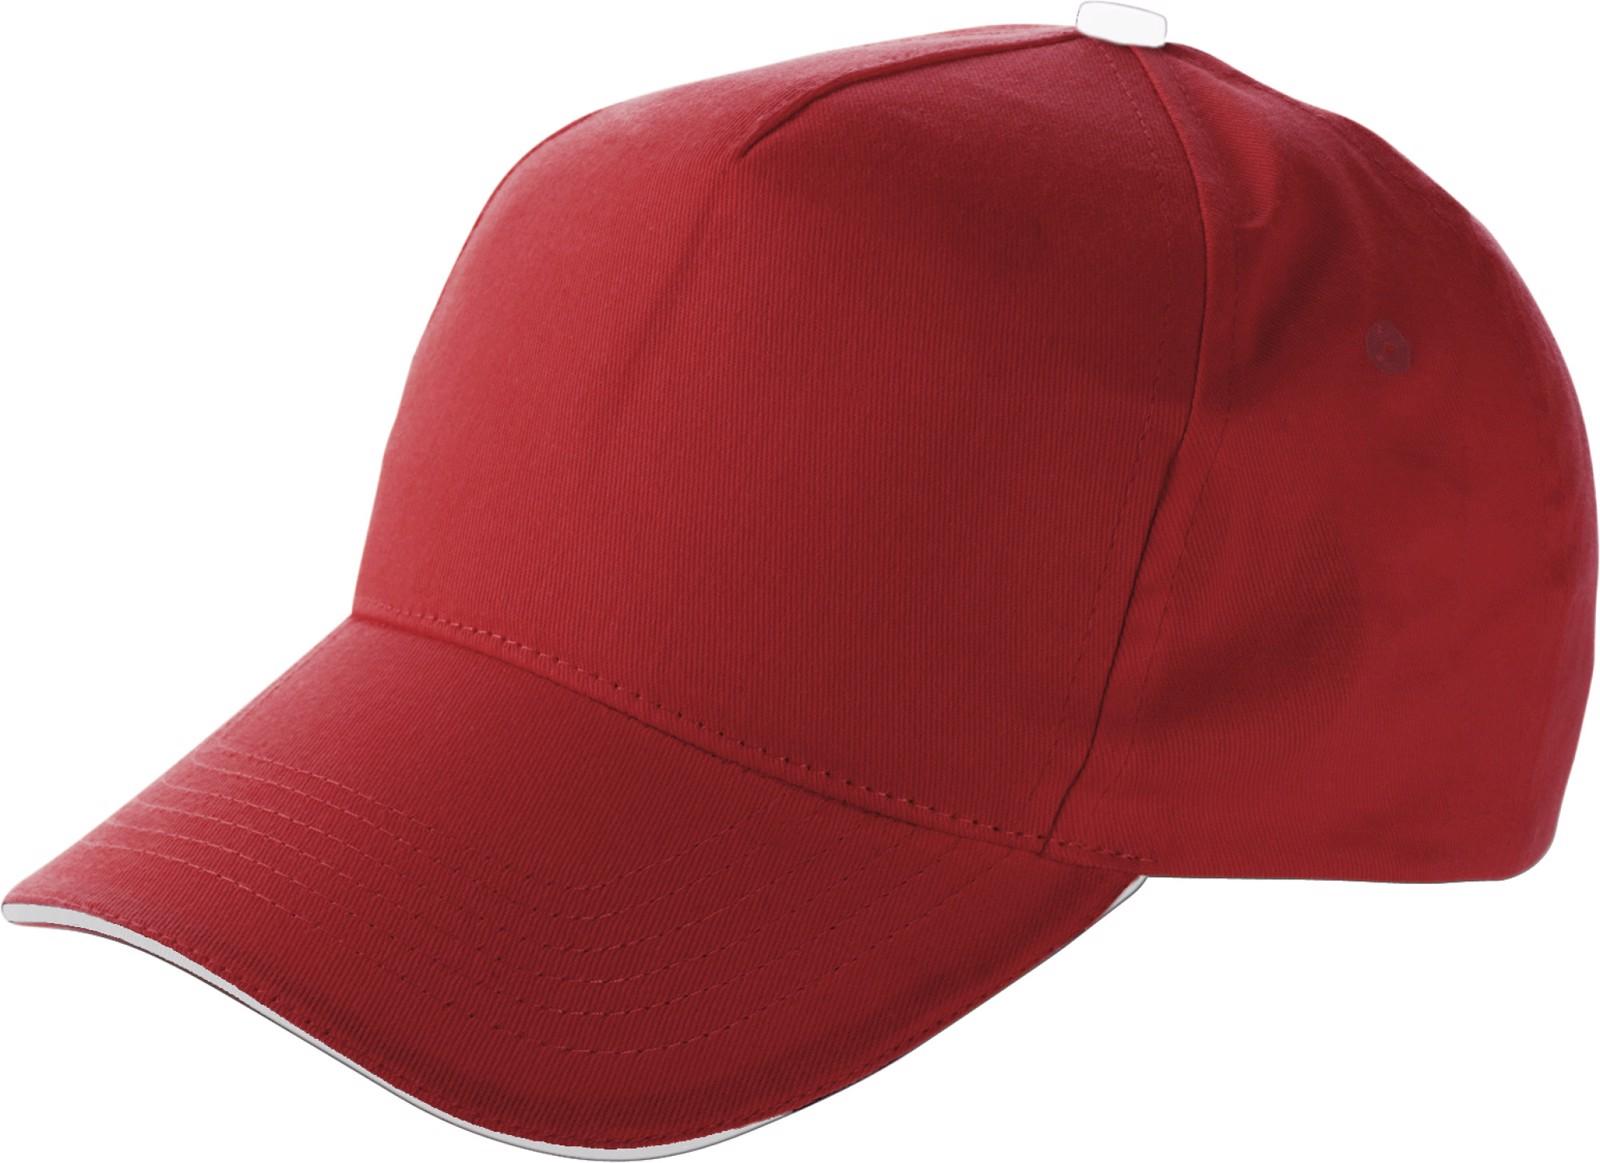 Cotton cap - Red